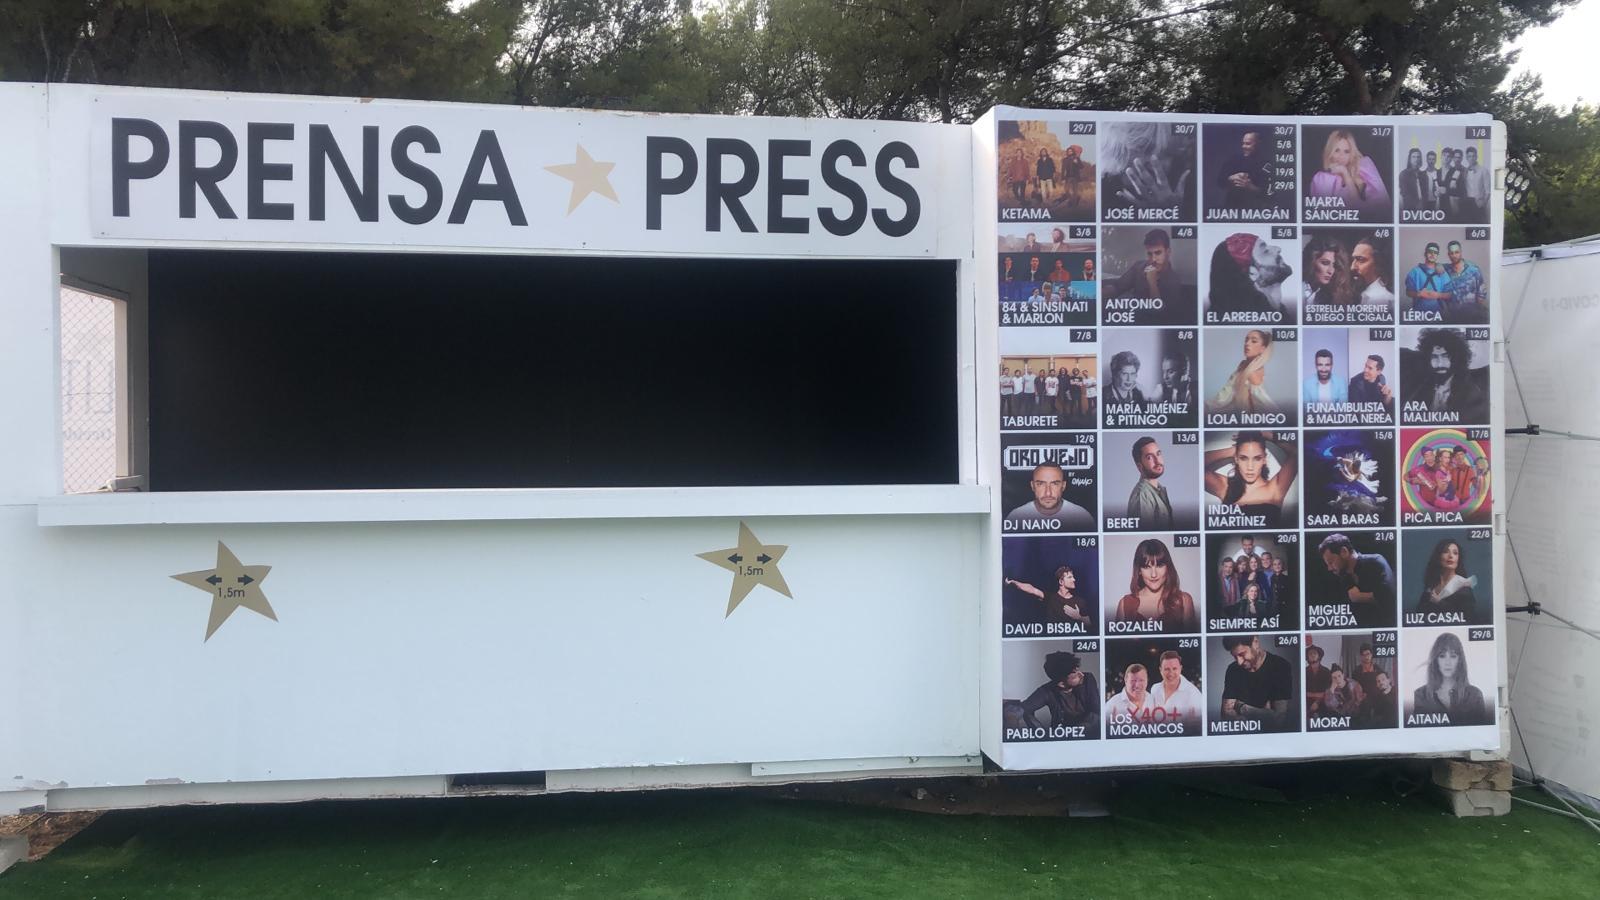 Zona de prensa en el festival Starlite